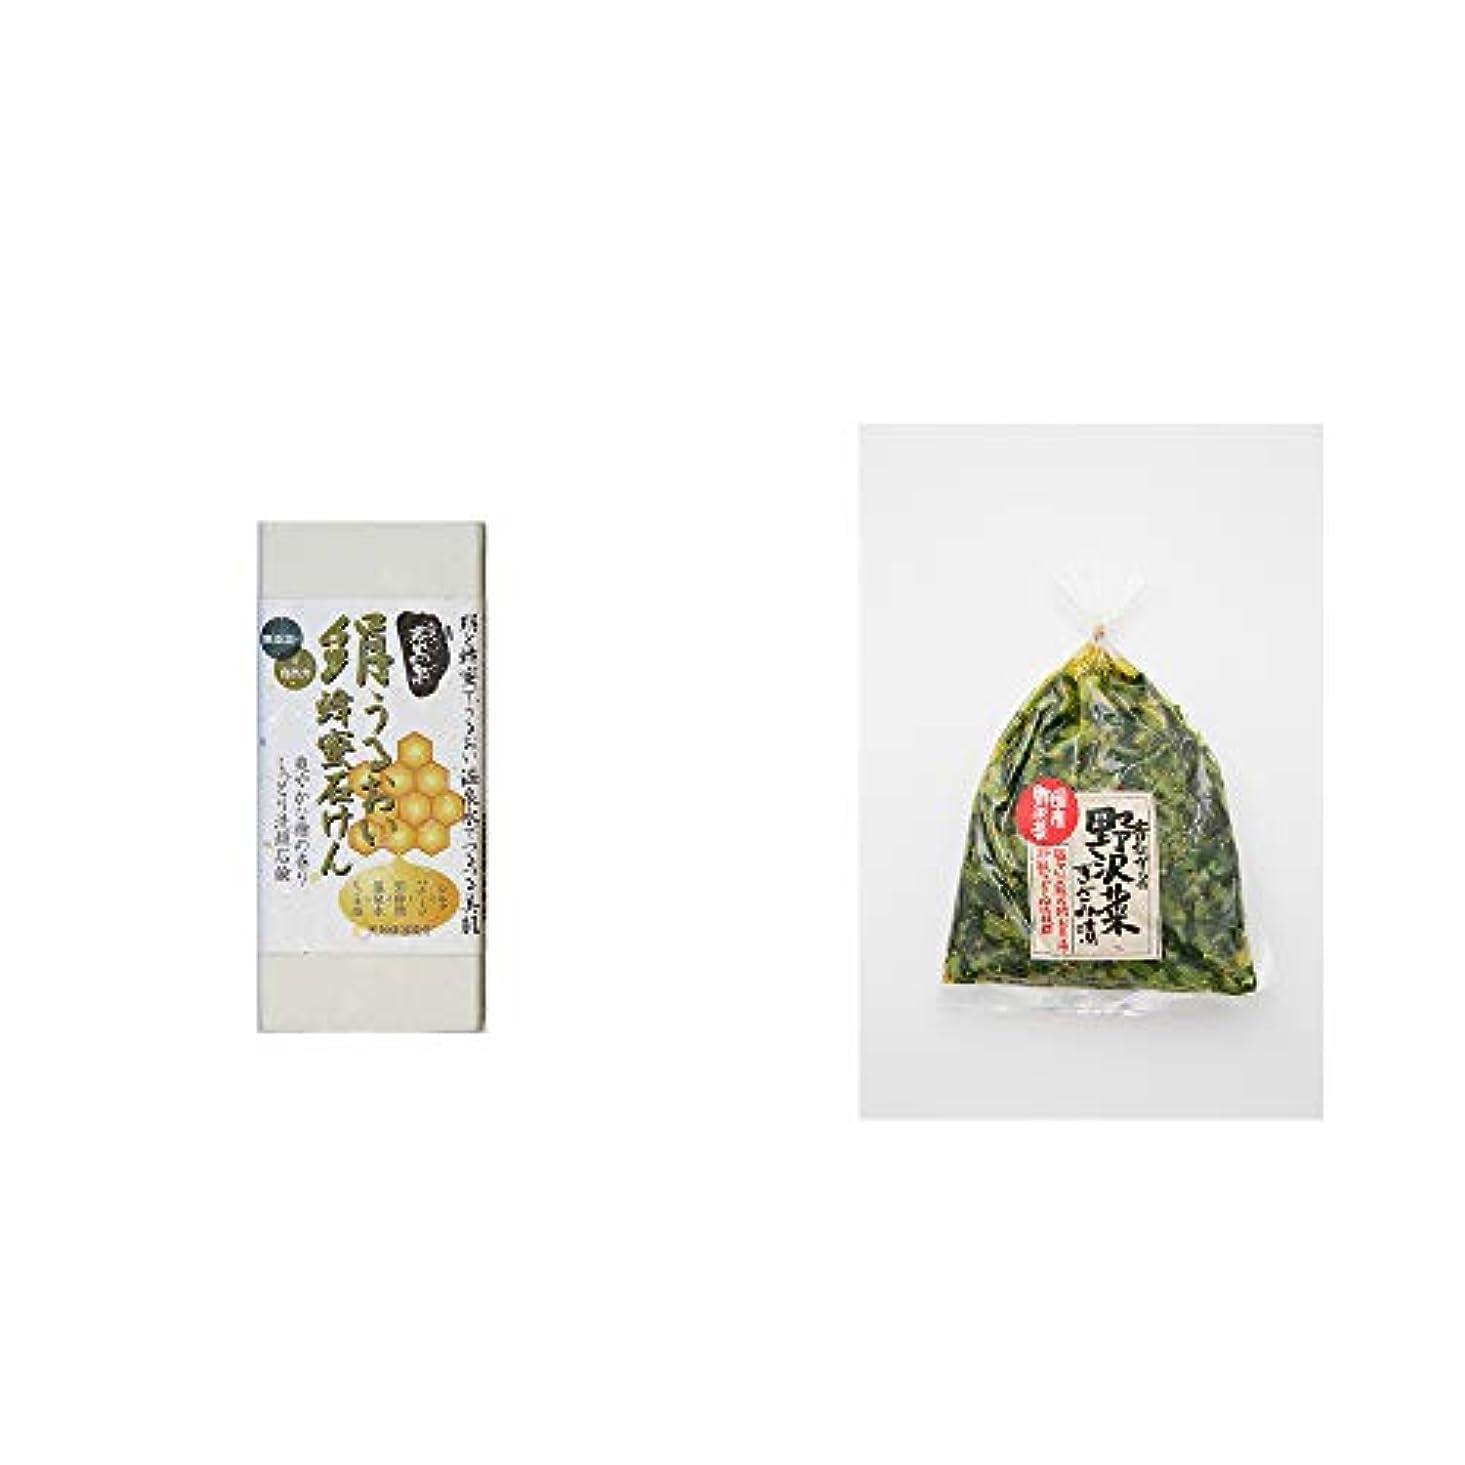 線動かすひどい[2点セット] ひのき炭黒泉 絹うるおい蜂蜜石けん(75g×2)?国産 昔ながらの野沢菜きざみ漬け(150g)